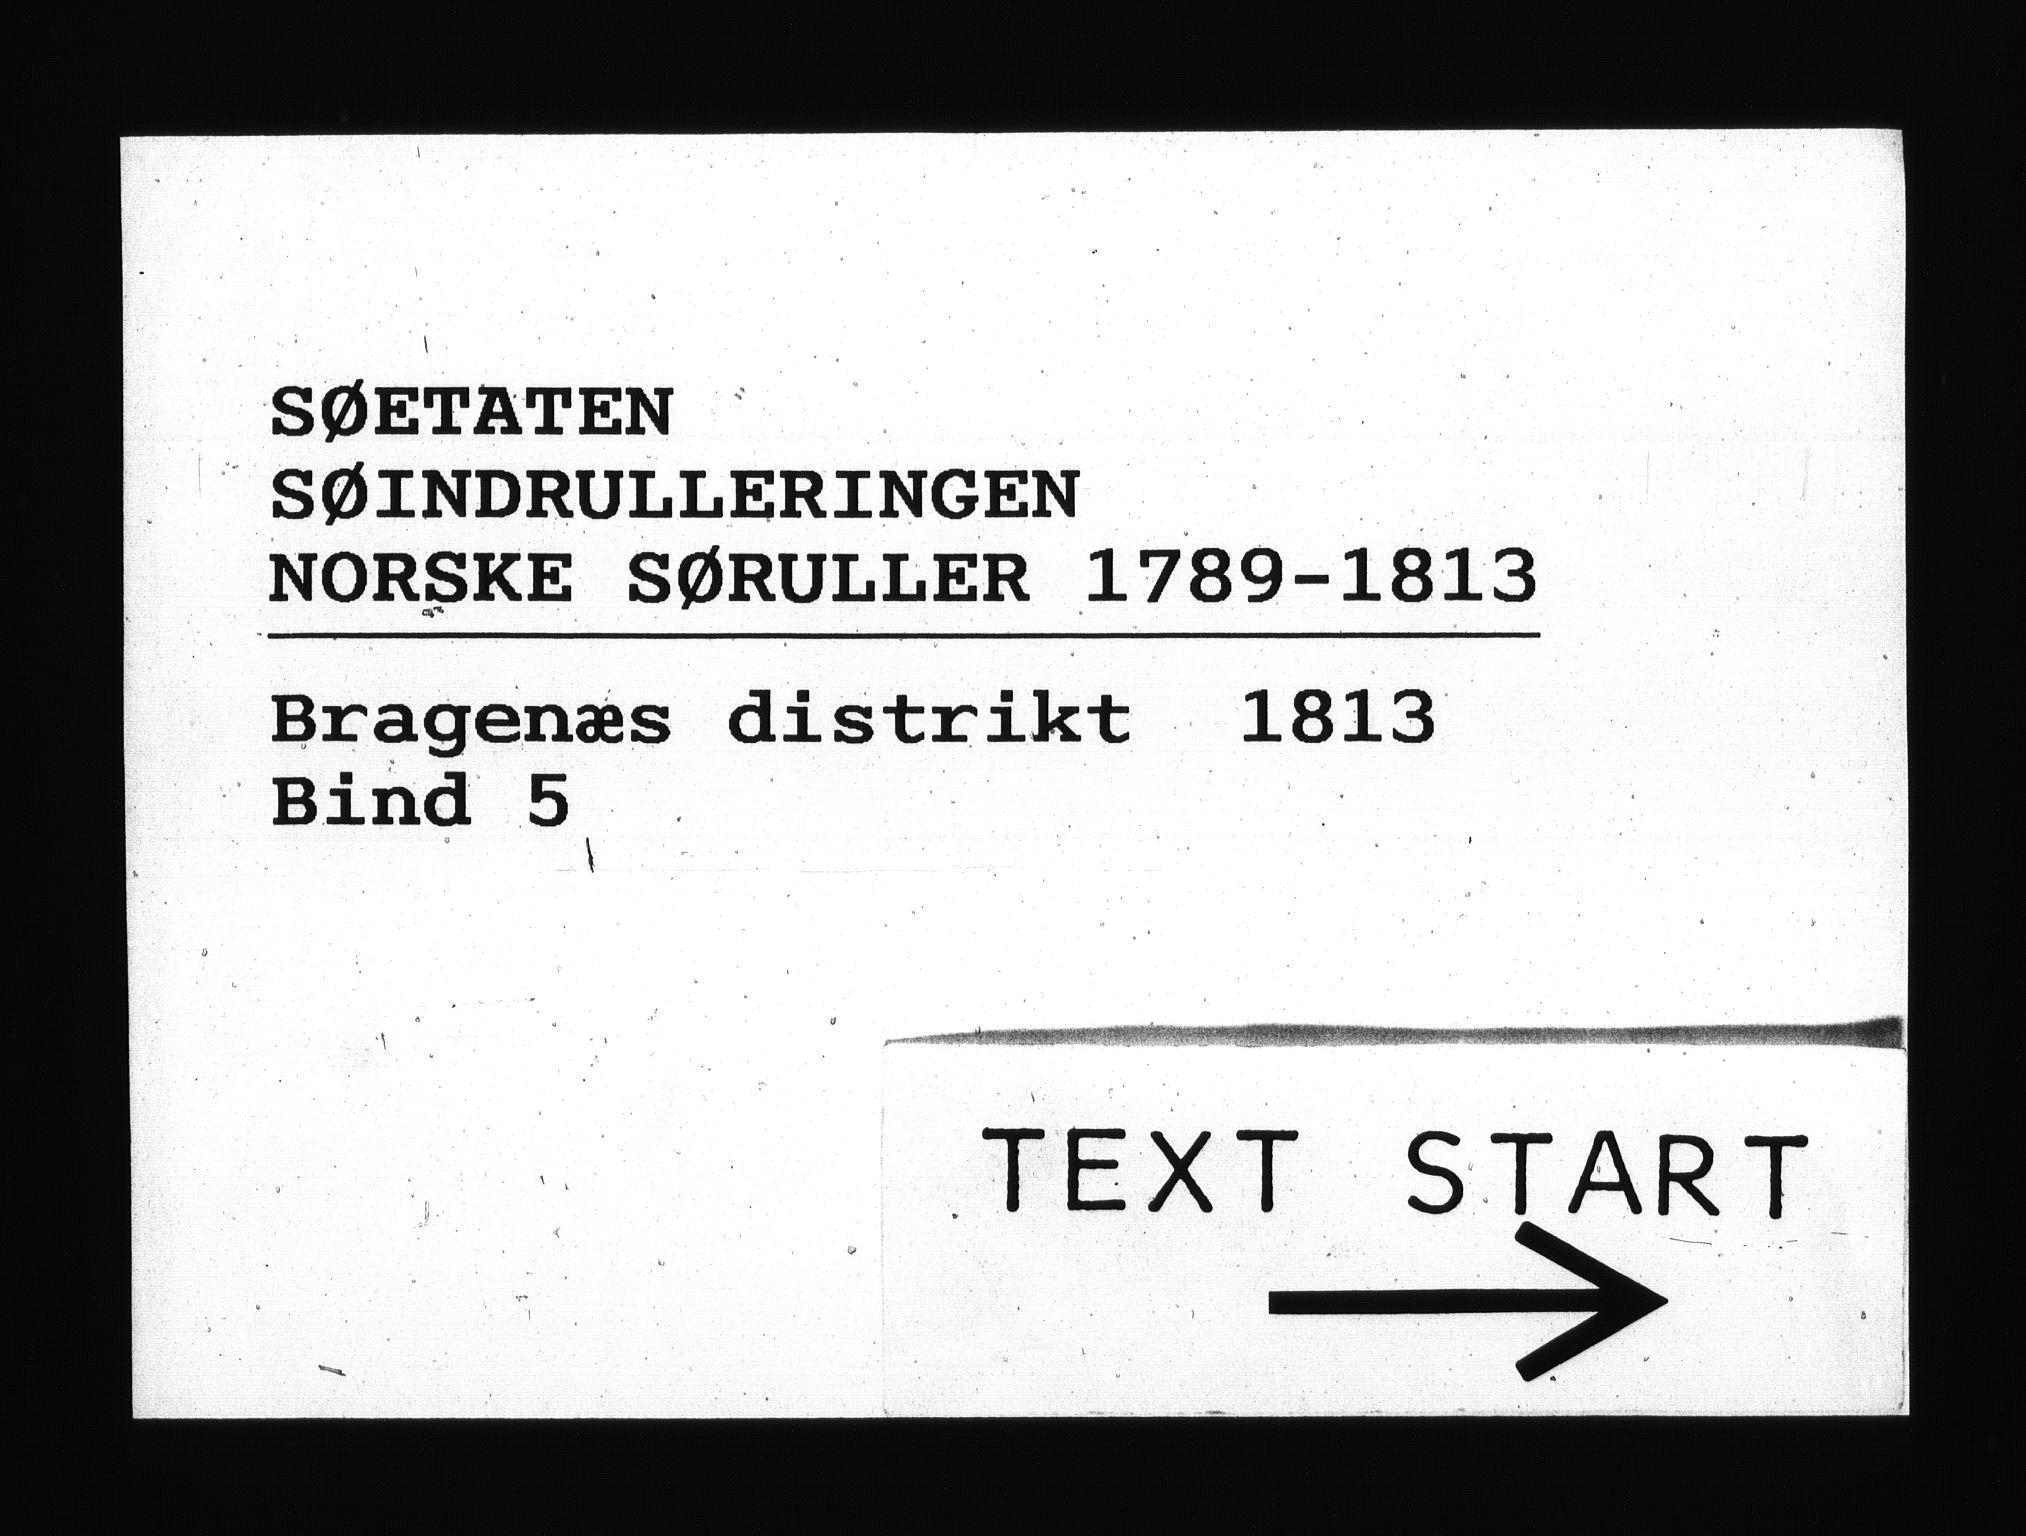 RA, Sjøetaten, F/L0172: Bragernes distrikt, bind 5, 1813